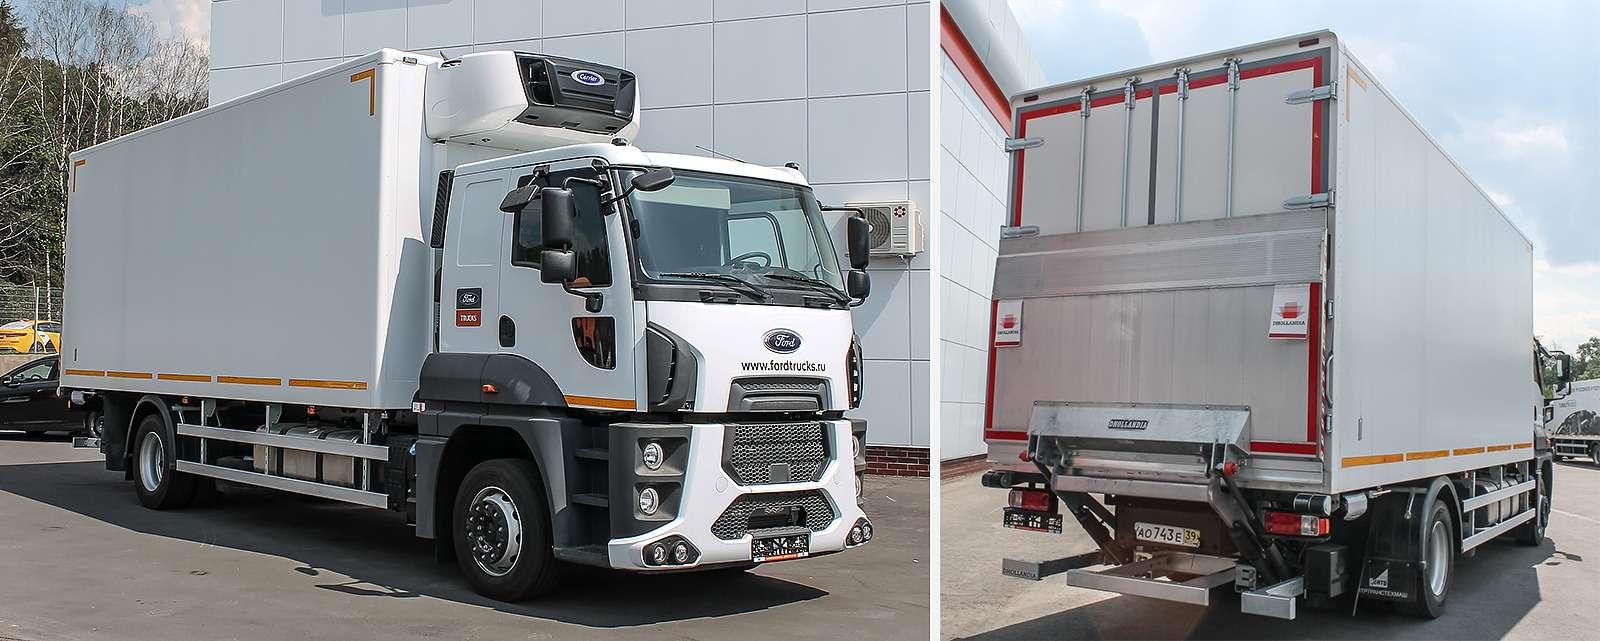 Новый 18-тонный грузовик Ford российской сборки— фото 1226830